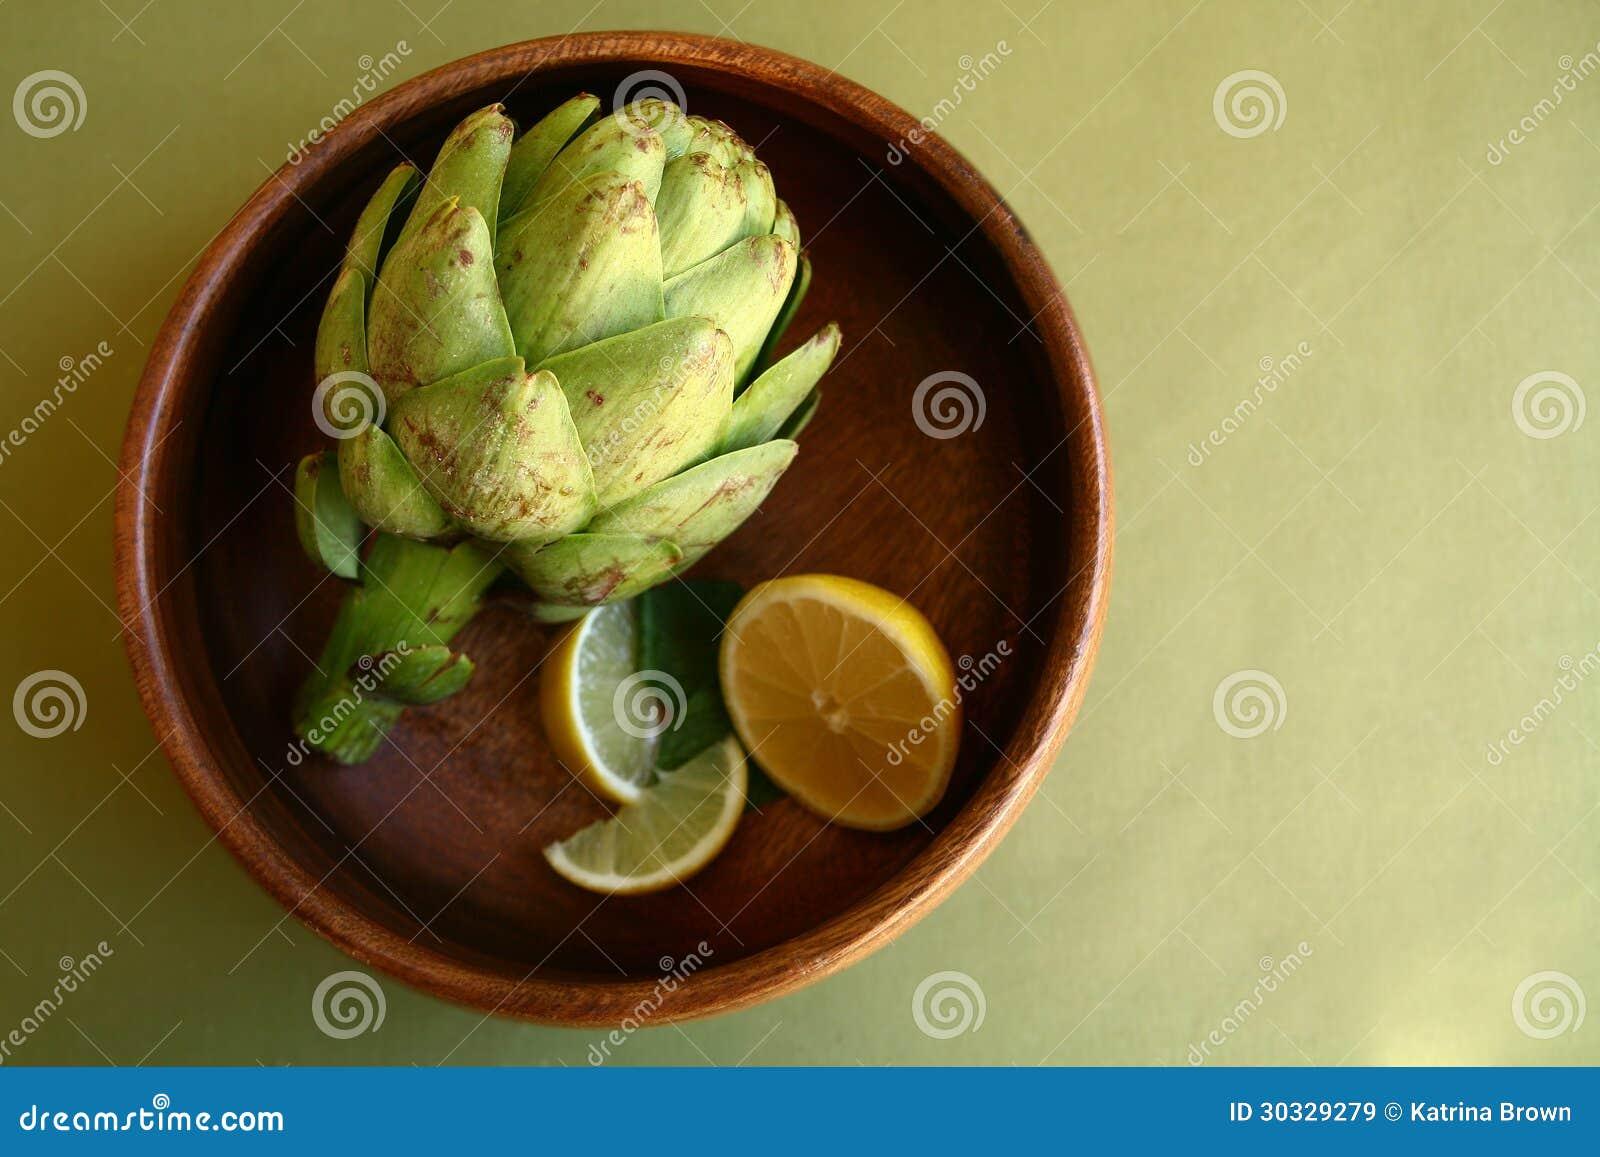 在木碗的朝鲜蓟用柠檬